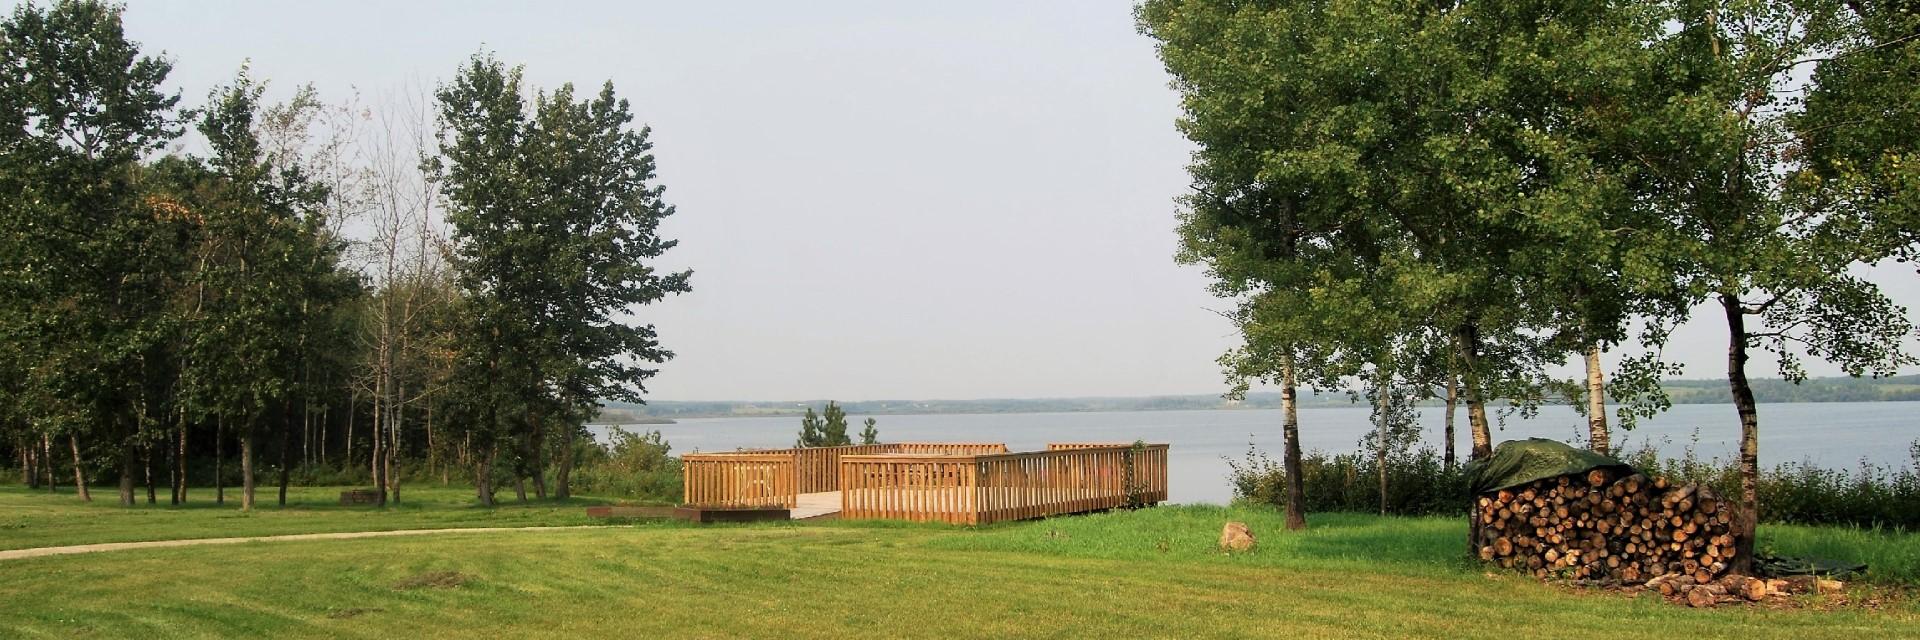 Eagle Healing Lodge lake